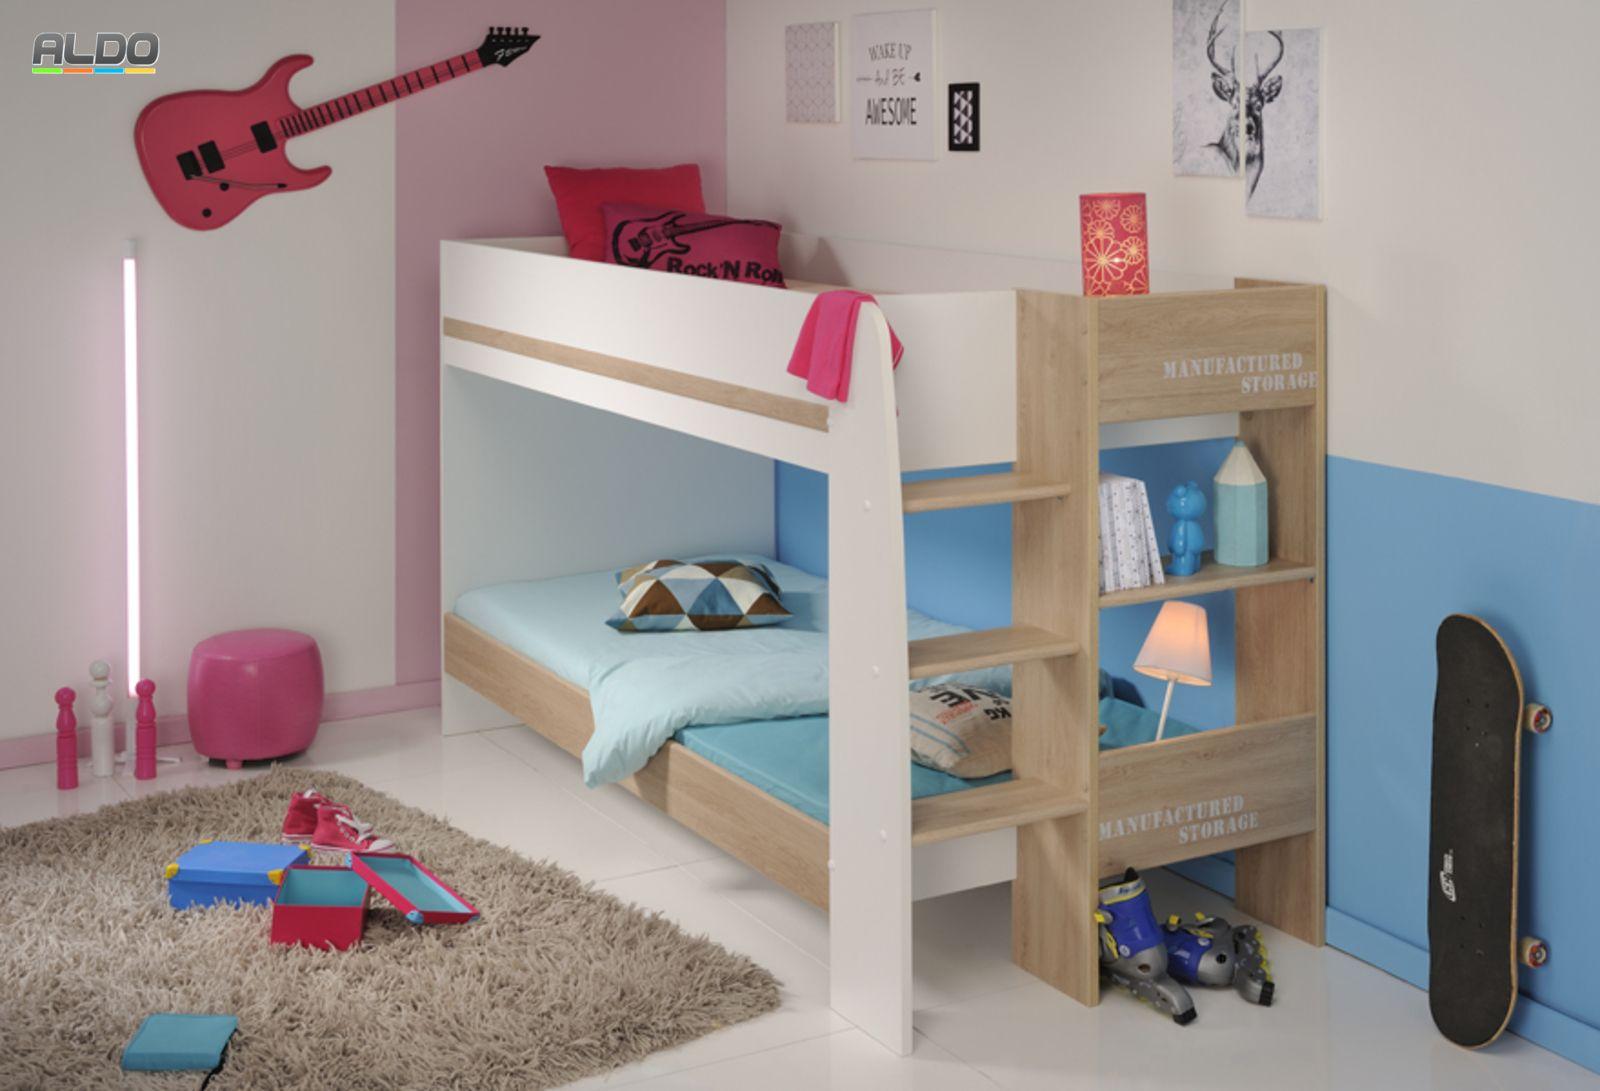 łóżko Piętrowe Family 2337lisu Dla Dwójki Dzieci łóżko